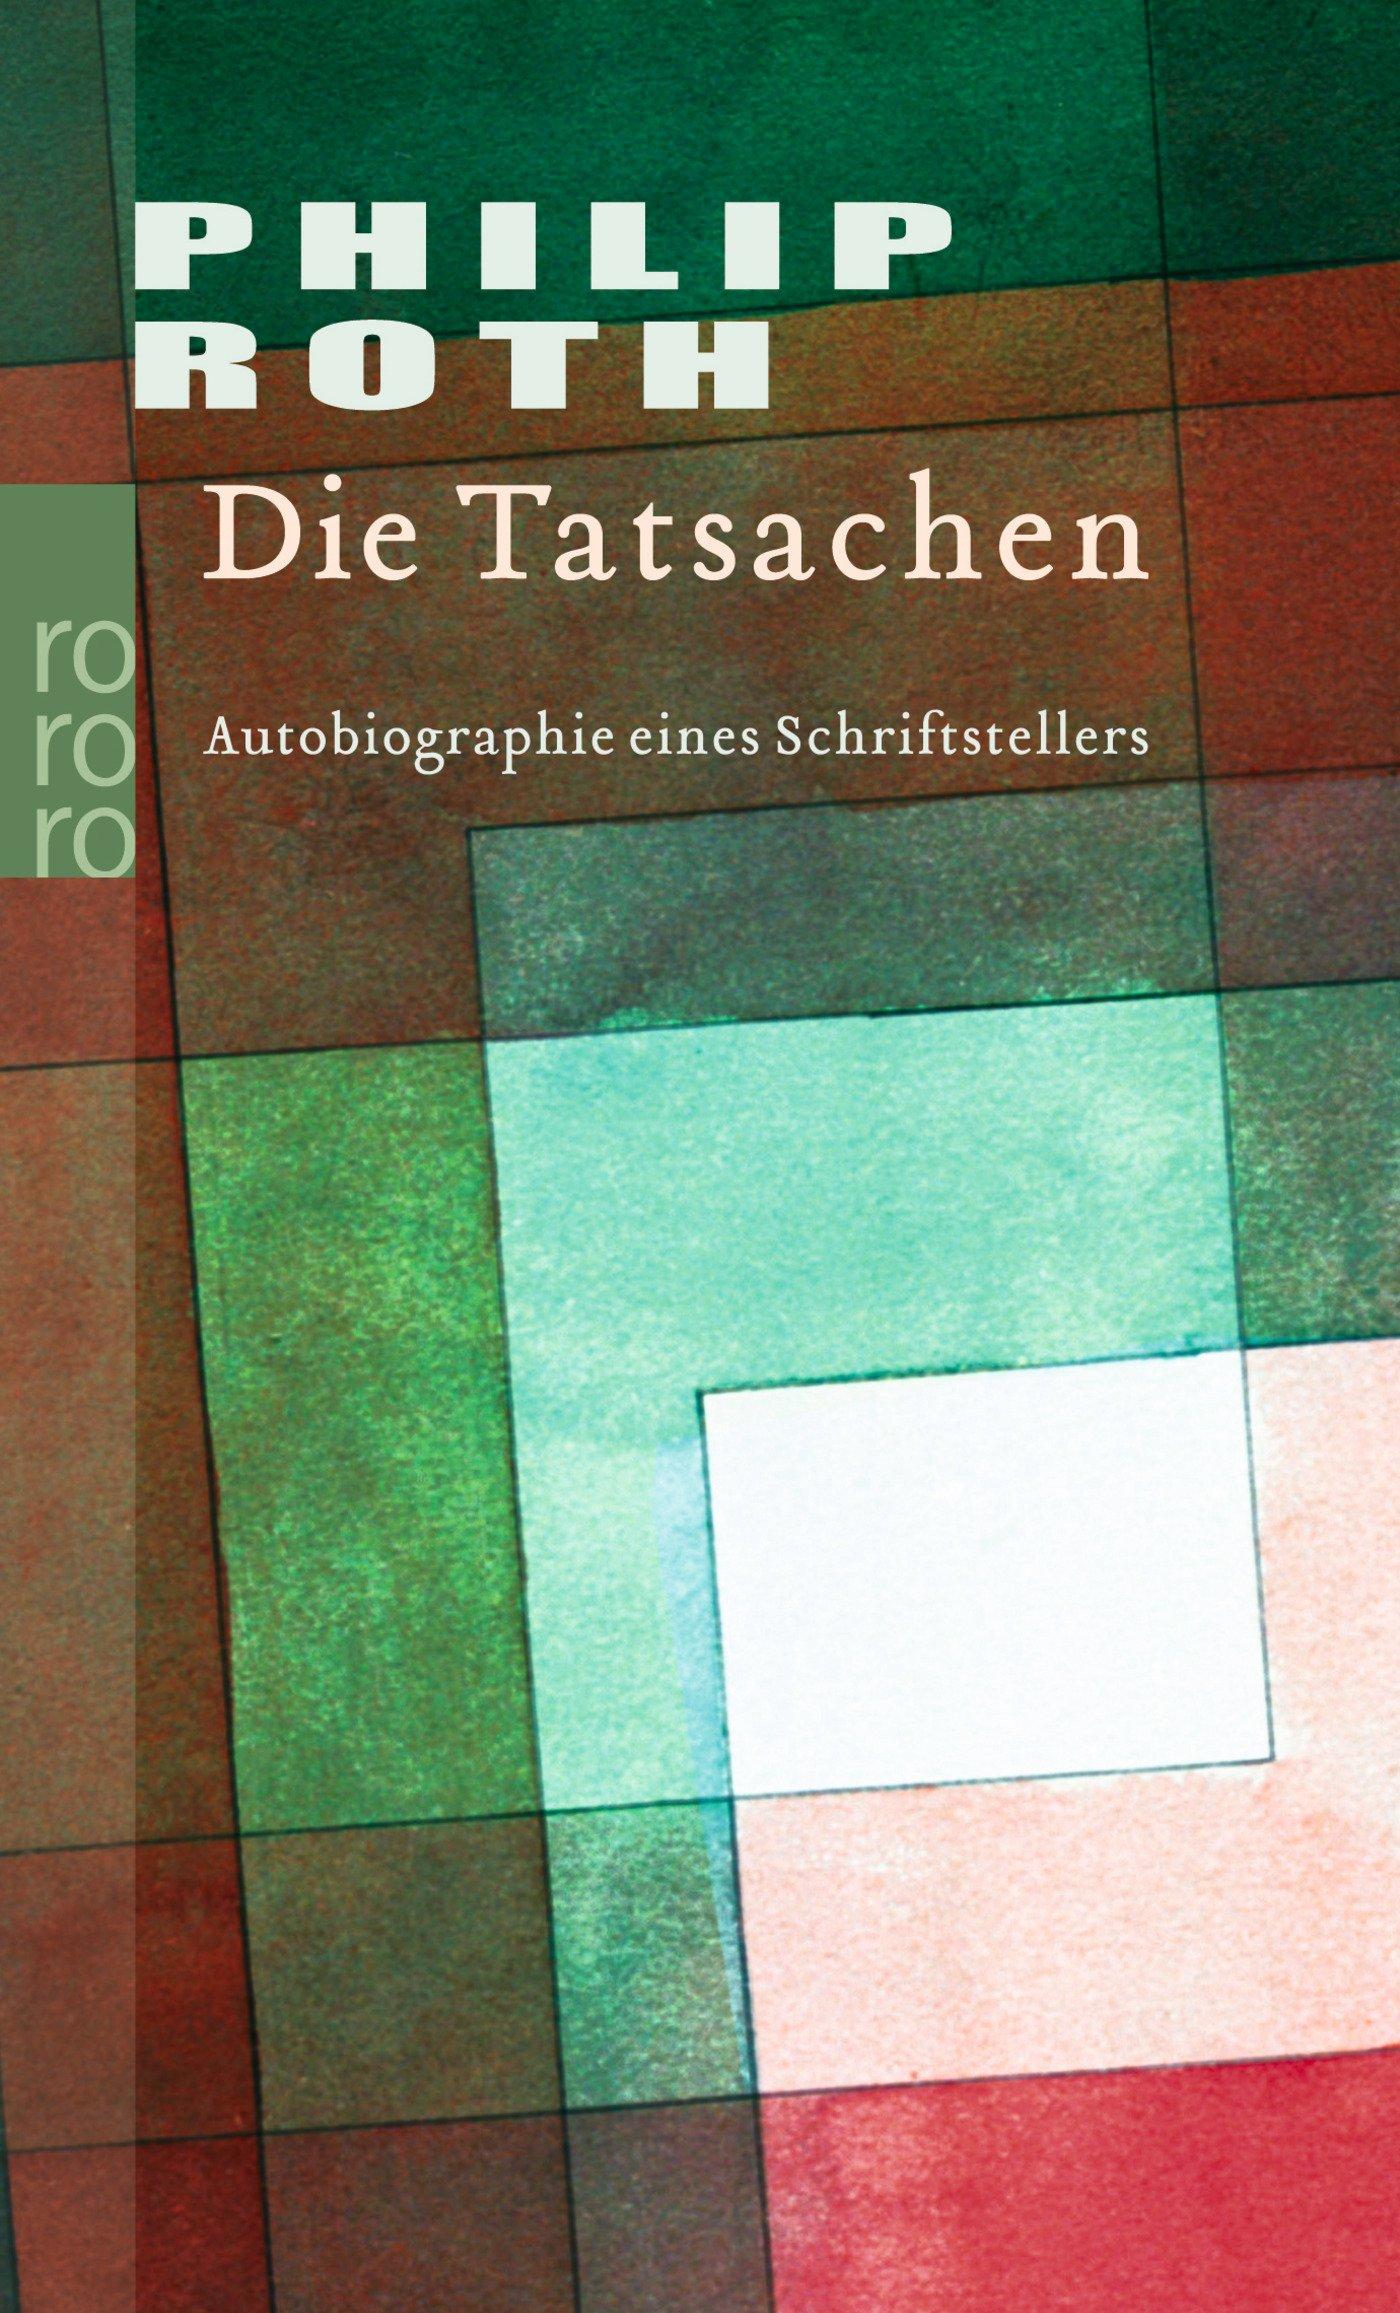 Die Tatsachen: Autobiographie eines Schriftstellers